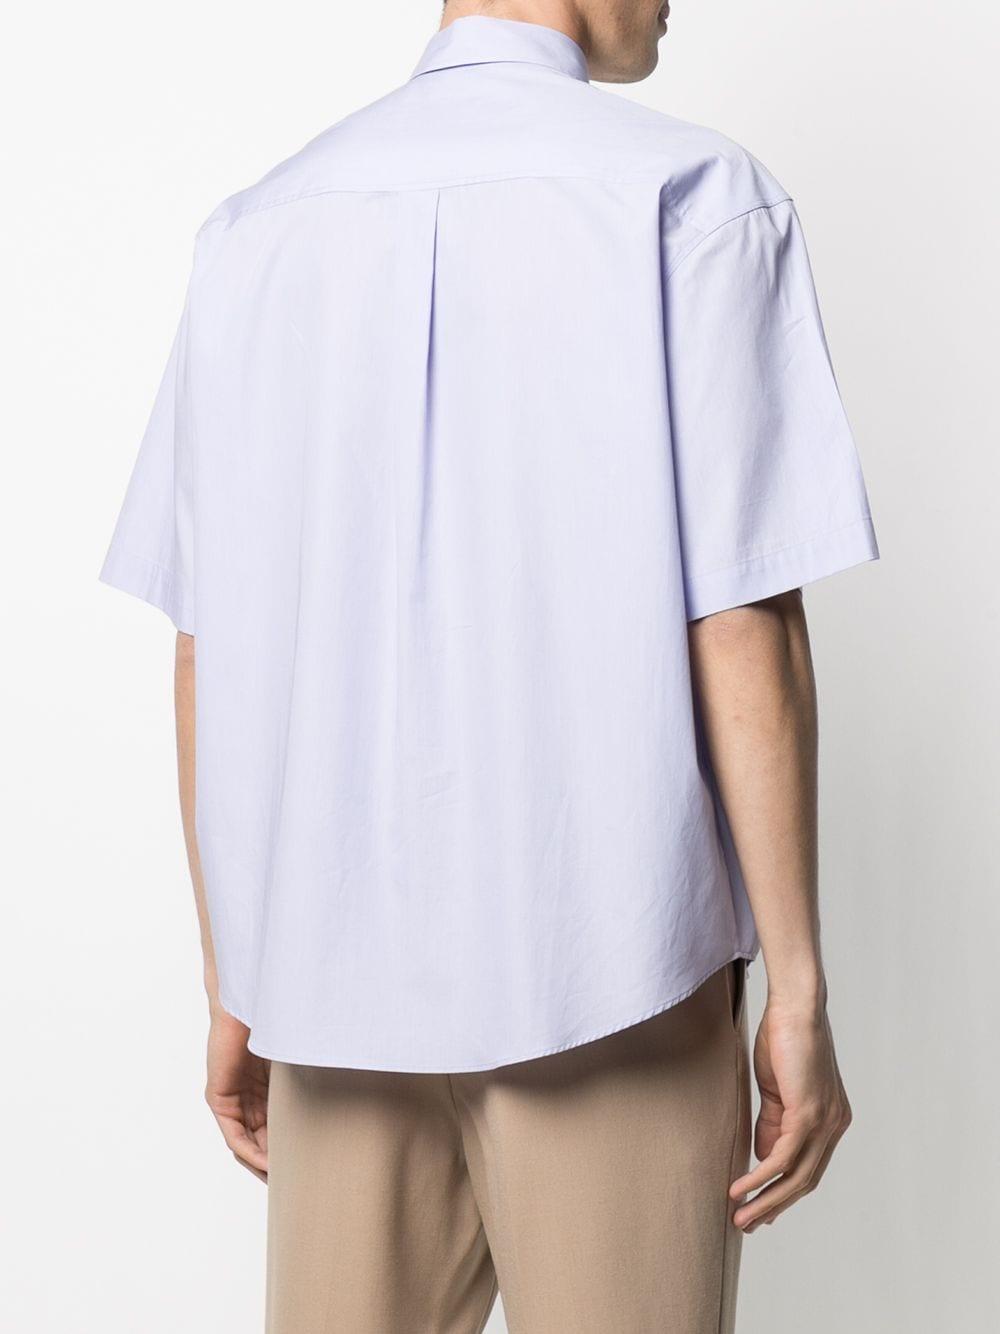 Ami - Alexandre Mattiussi camicia con colletto uomo AMI - ALEXANDRE MATTIUSSI   Camicie   E21HC251.426504